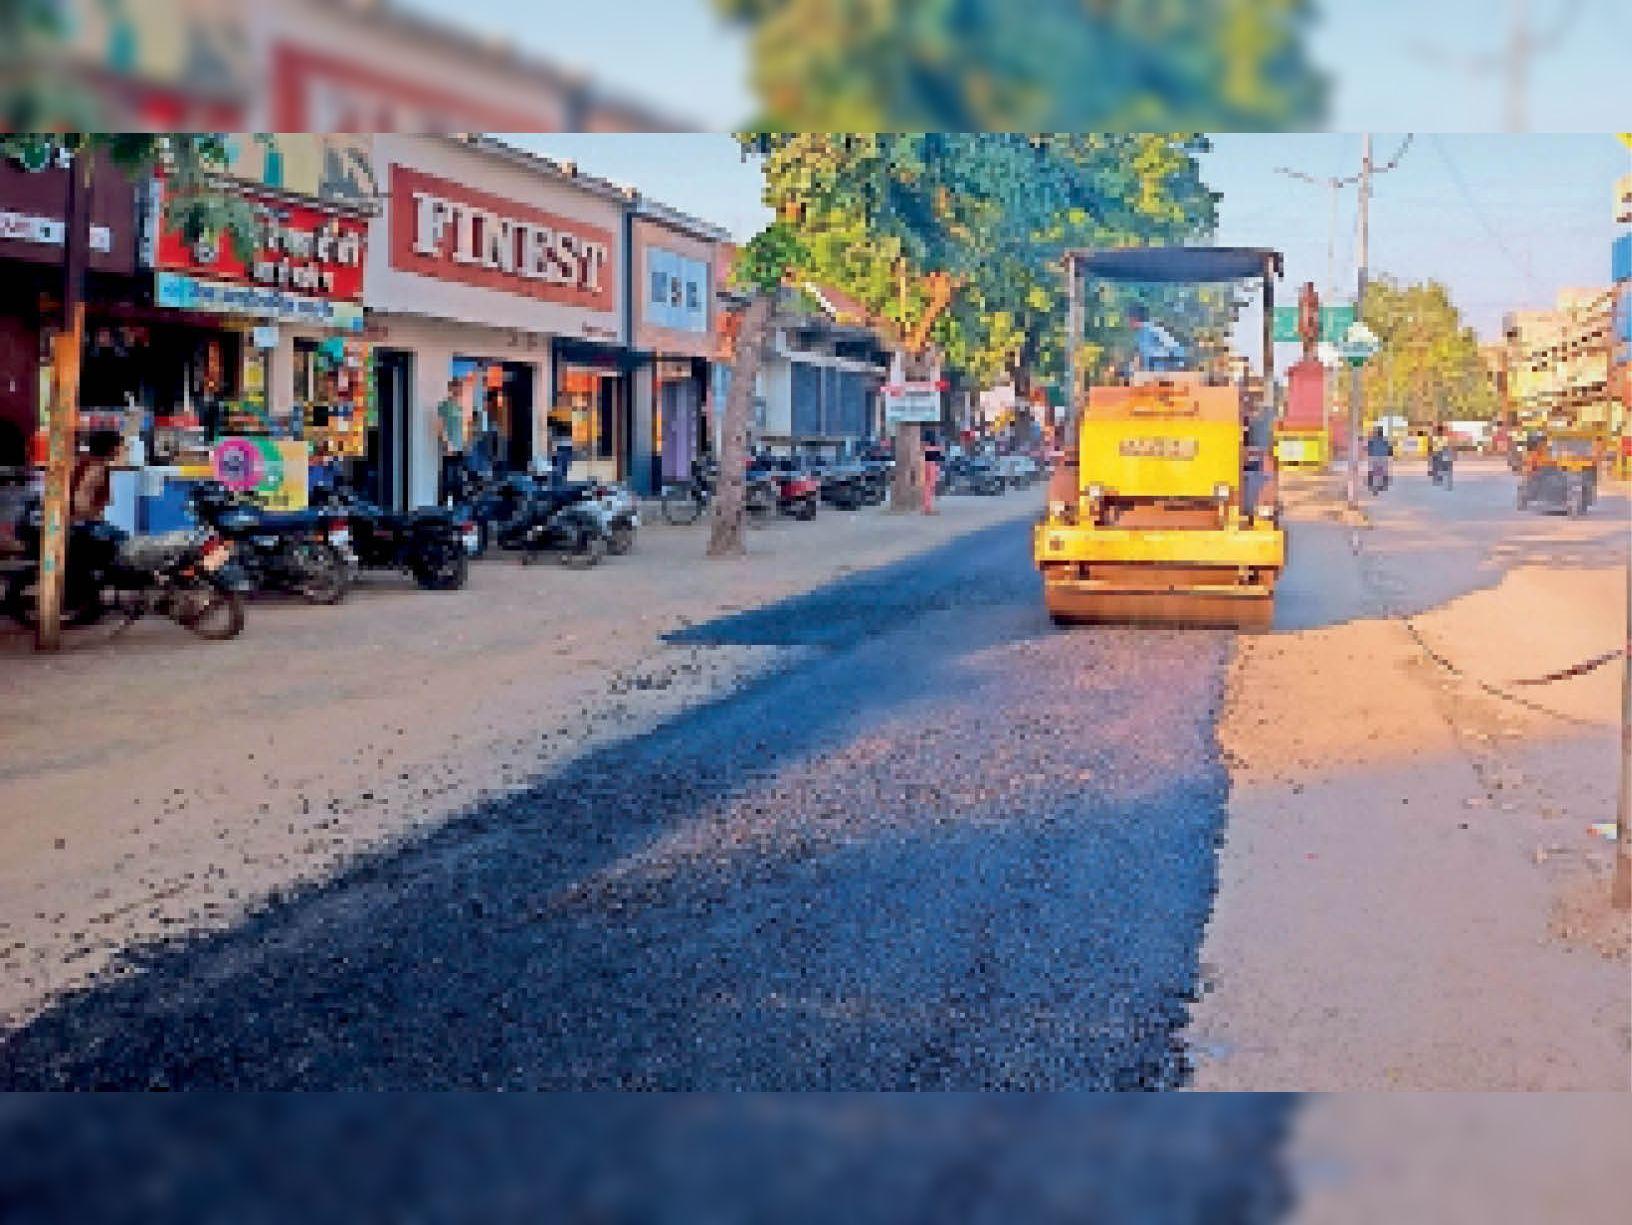 पानी, सीवरेज और बारिश से जर्जर सड़कों का 85 लाख की लागत से होगा पेचवर्क|रतलाम,Ratlam - Dainik Bhaskar